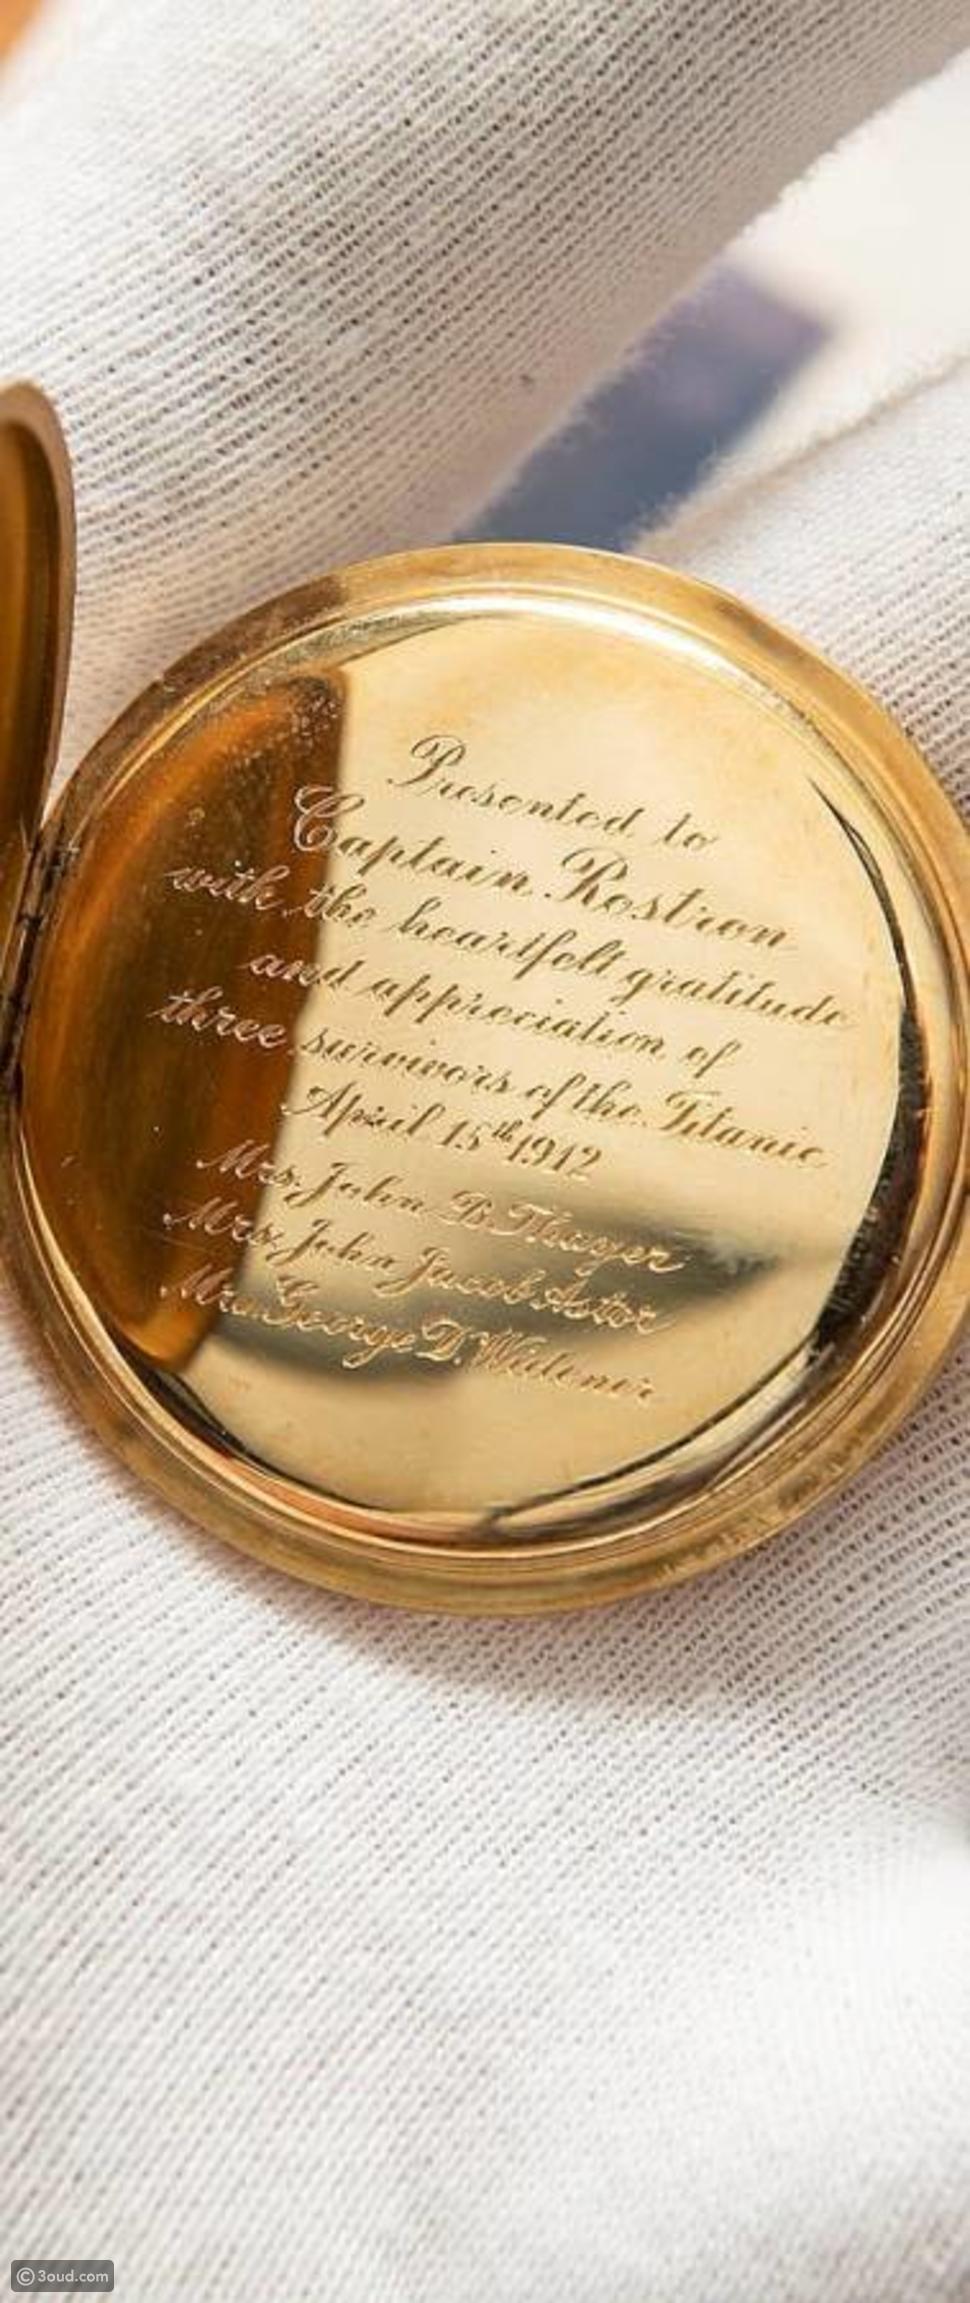 ساعة القبطان المنقذ بعد مأساة التيتانيك معروضة للبيع بـ65.2 ألف دولار